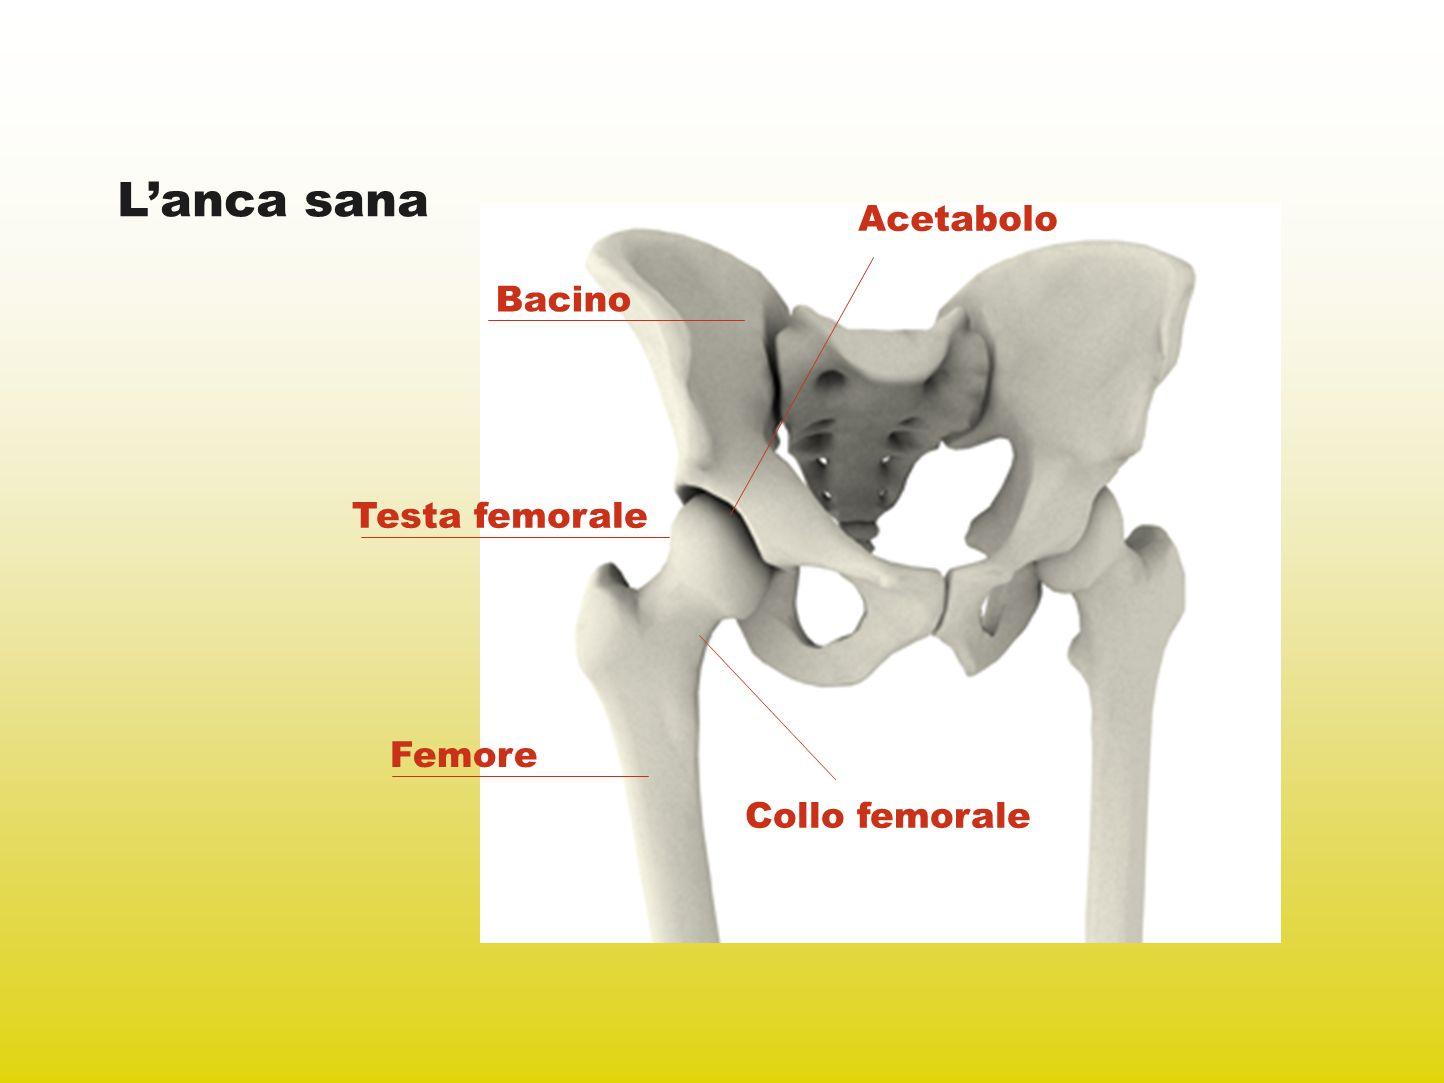 Lanca malata Anca artrosica: danni articolari dovuti allusura della cartilagine